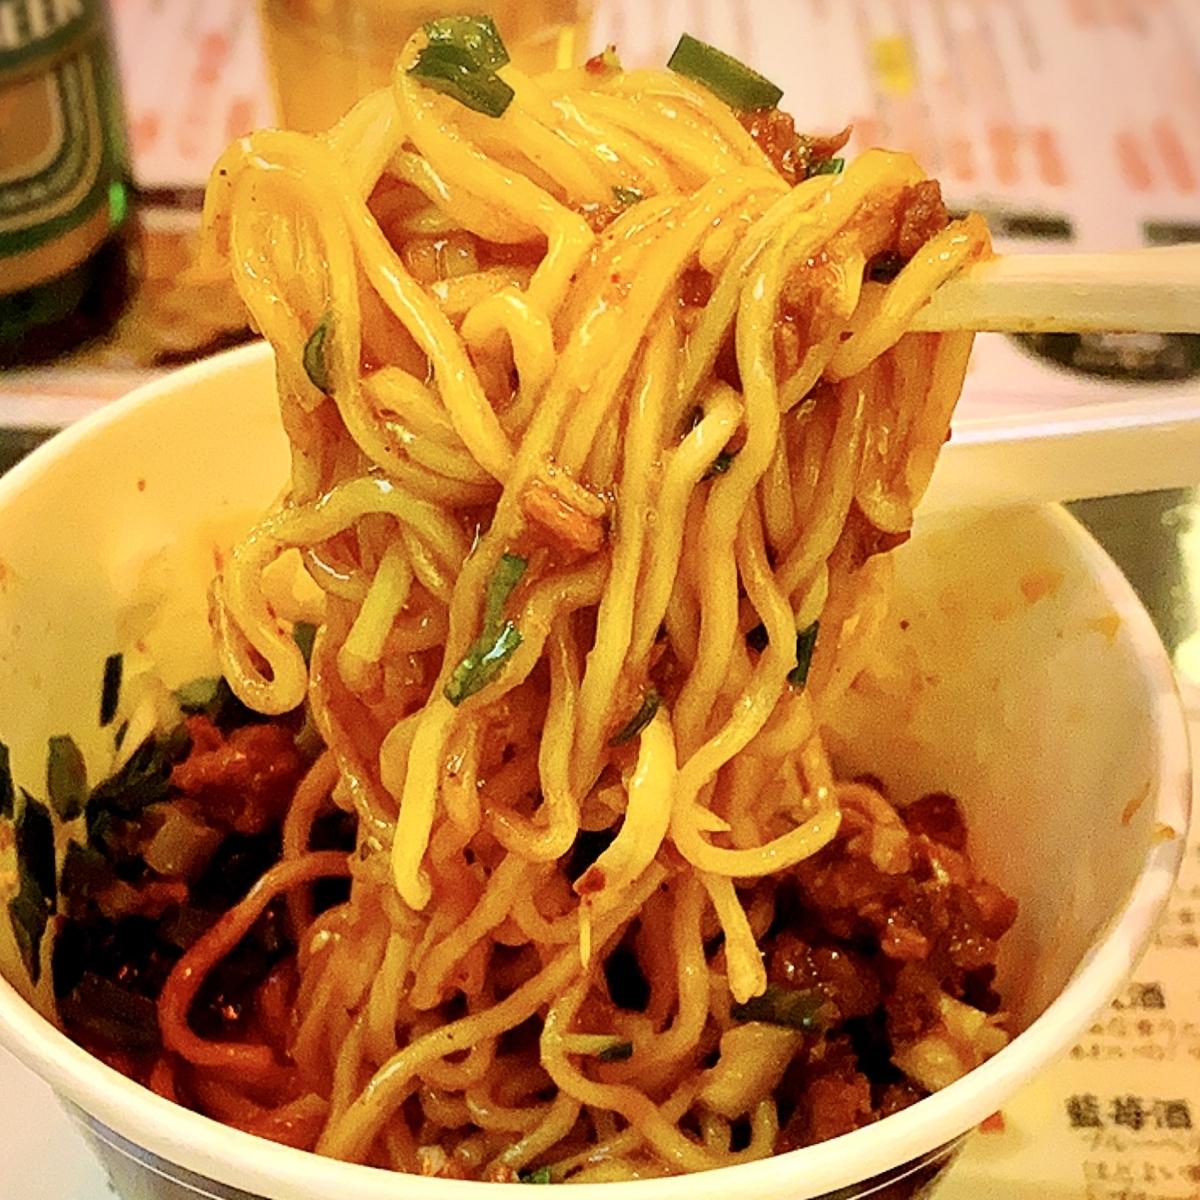 """コスパ良く""""台湾料理""""を堪能できるお店が吉祥寺にニューオープン!小籠包や台湾まぜそばが美味しい"""